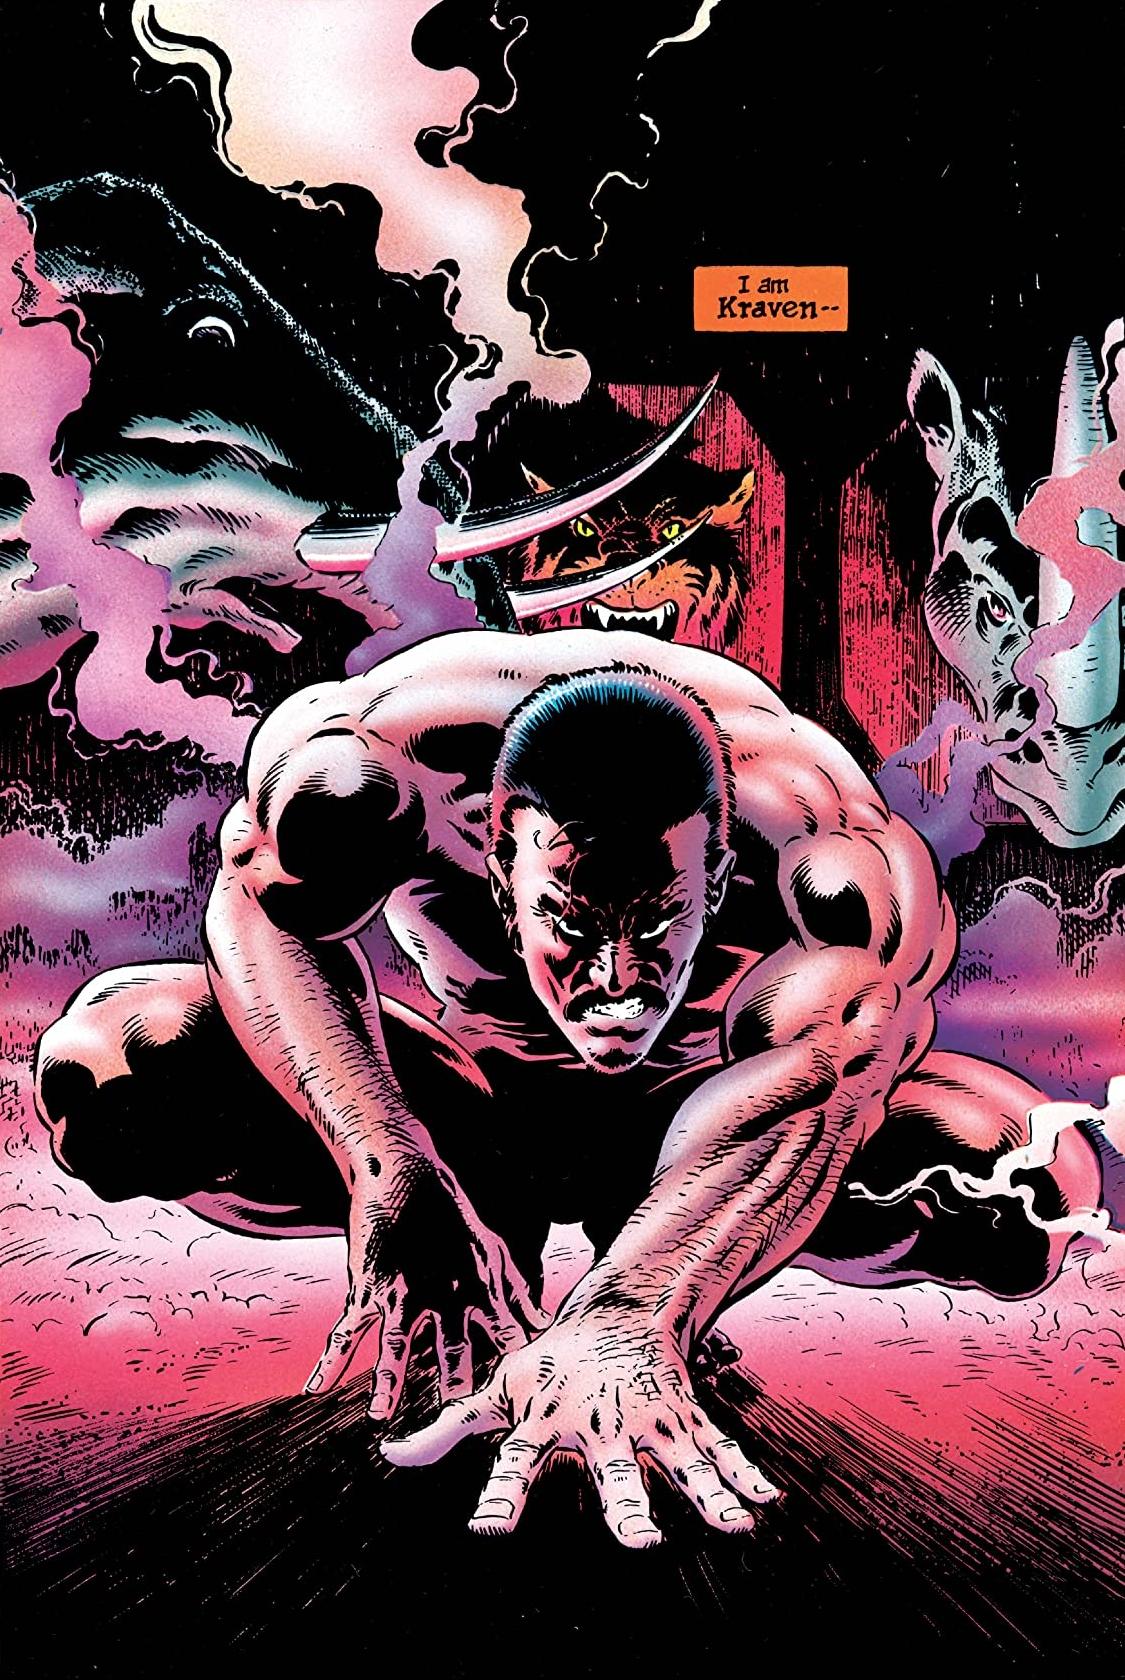 Kravens-last-hunt-spiderman-the-splintering-hunter